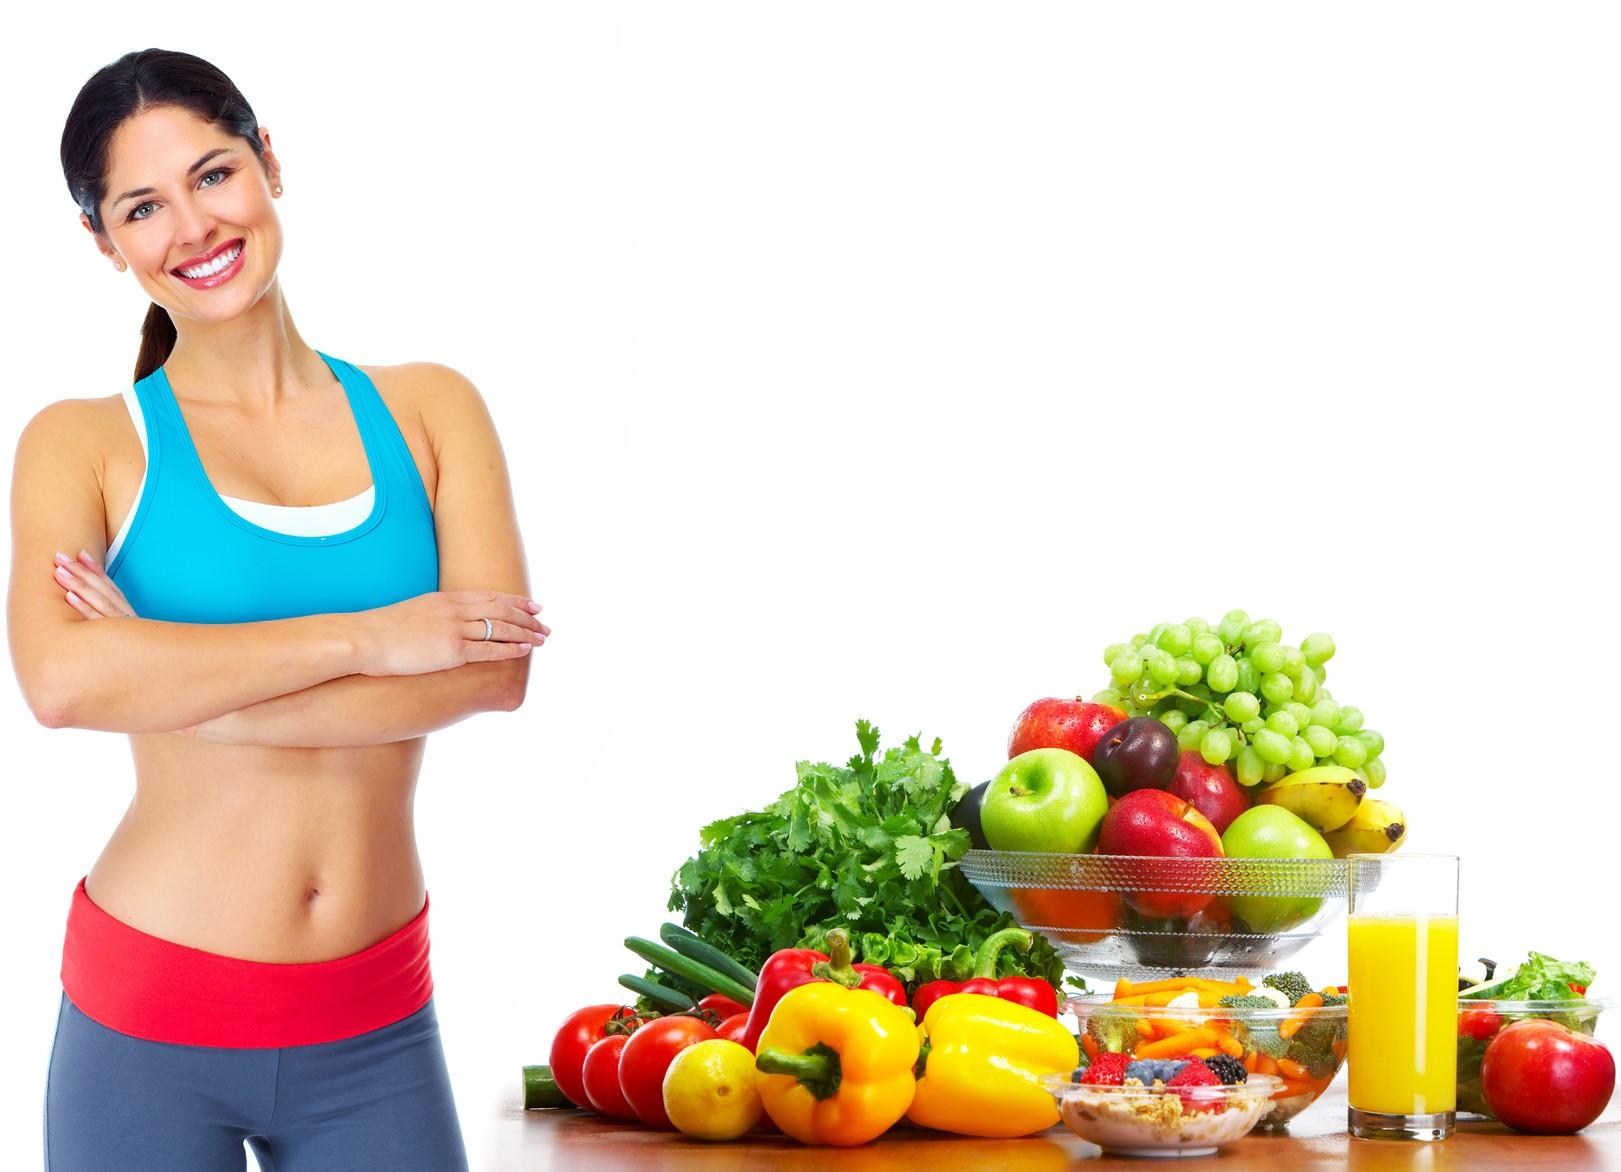 Как Похудеть Здоровье. Как похудеть без вреда для здоровья?